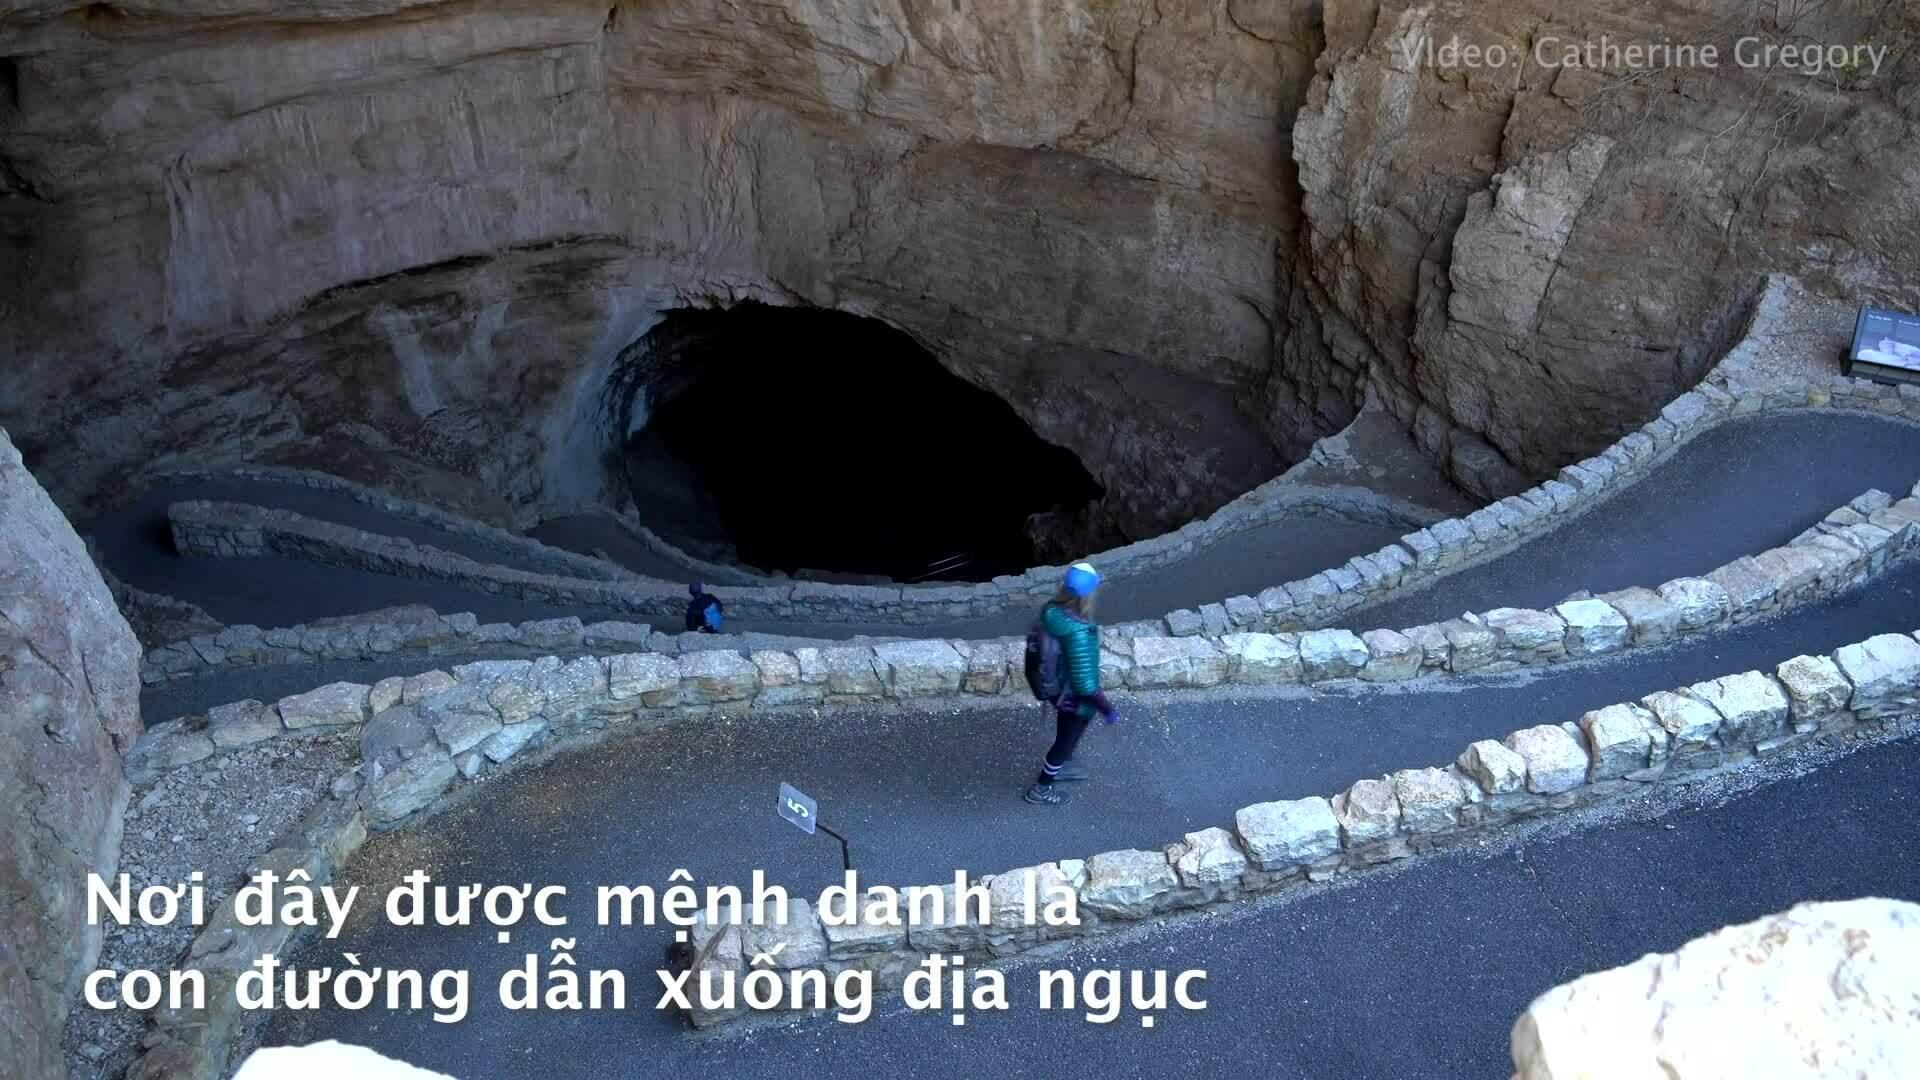 Con đường dẫn xuống địa ngục